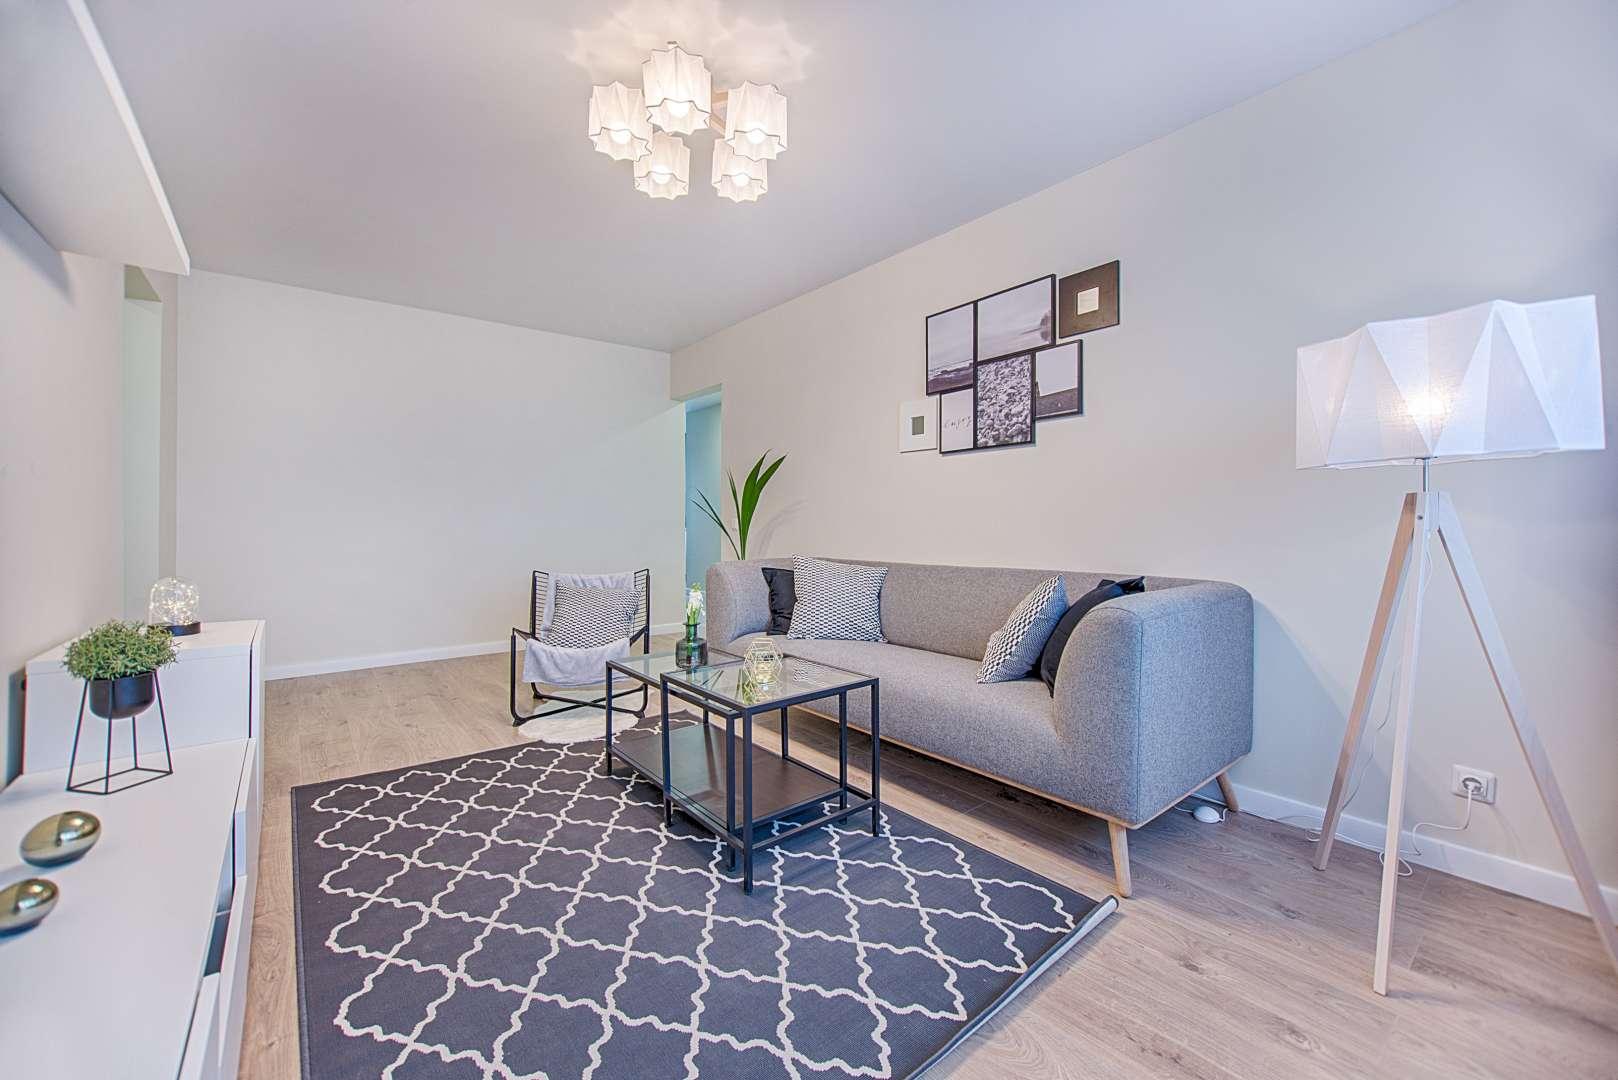 Povprečno stanovanje je veliko okoli 90 m2